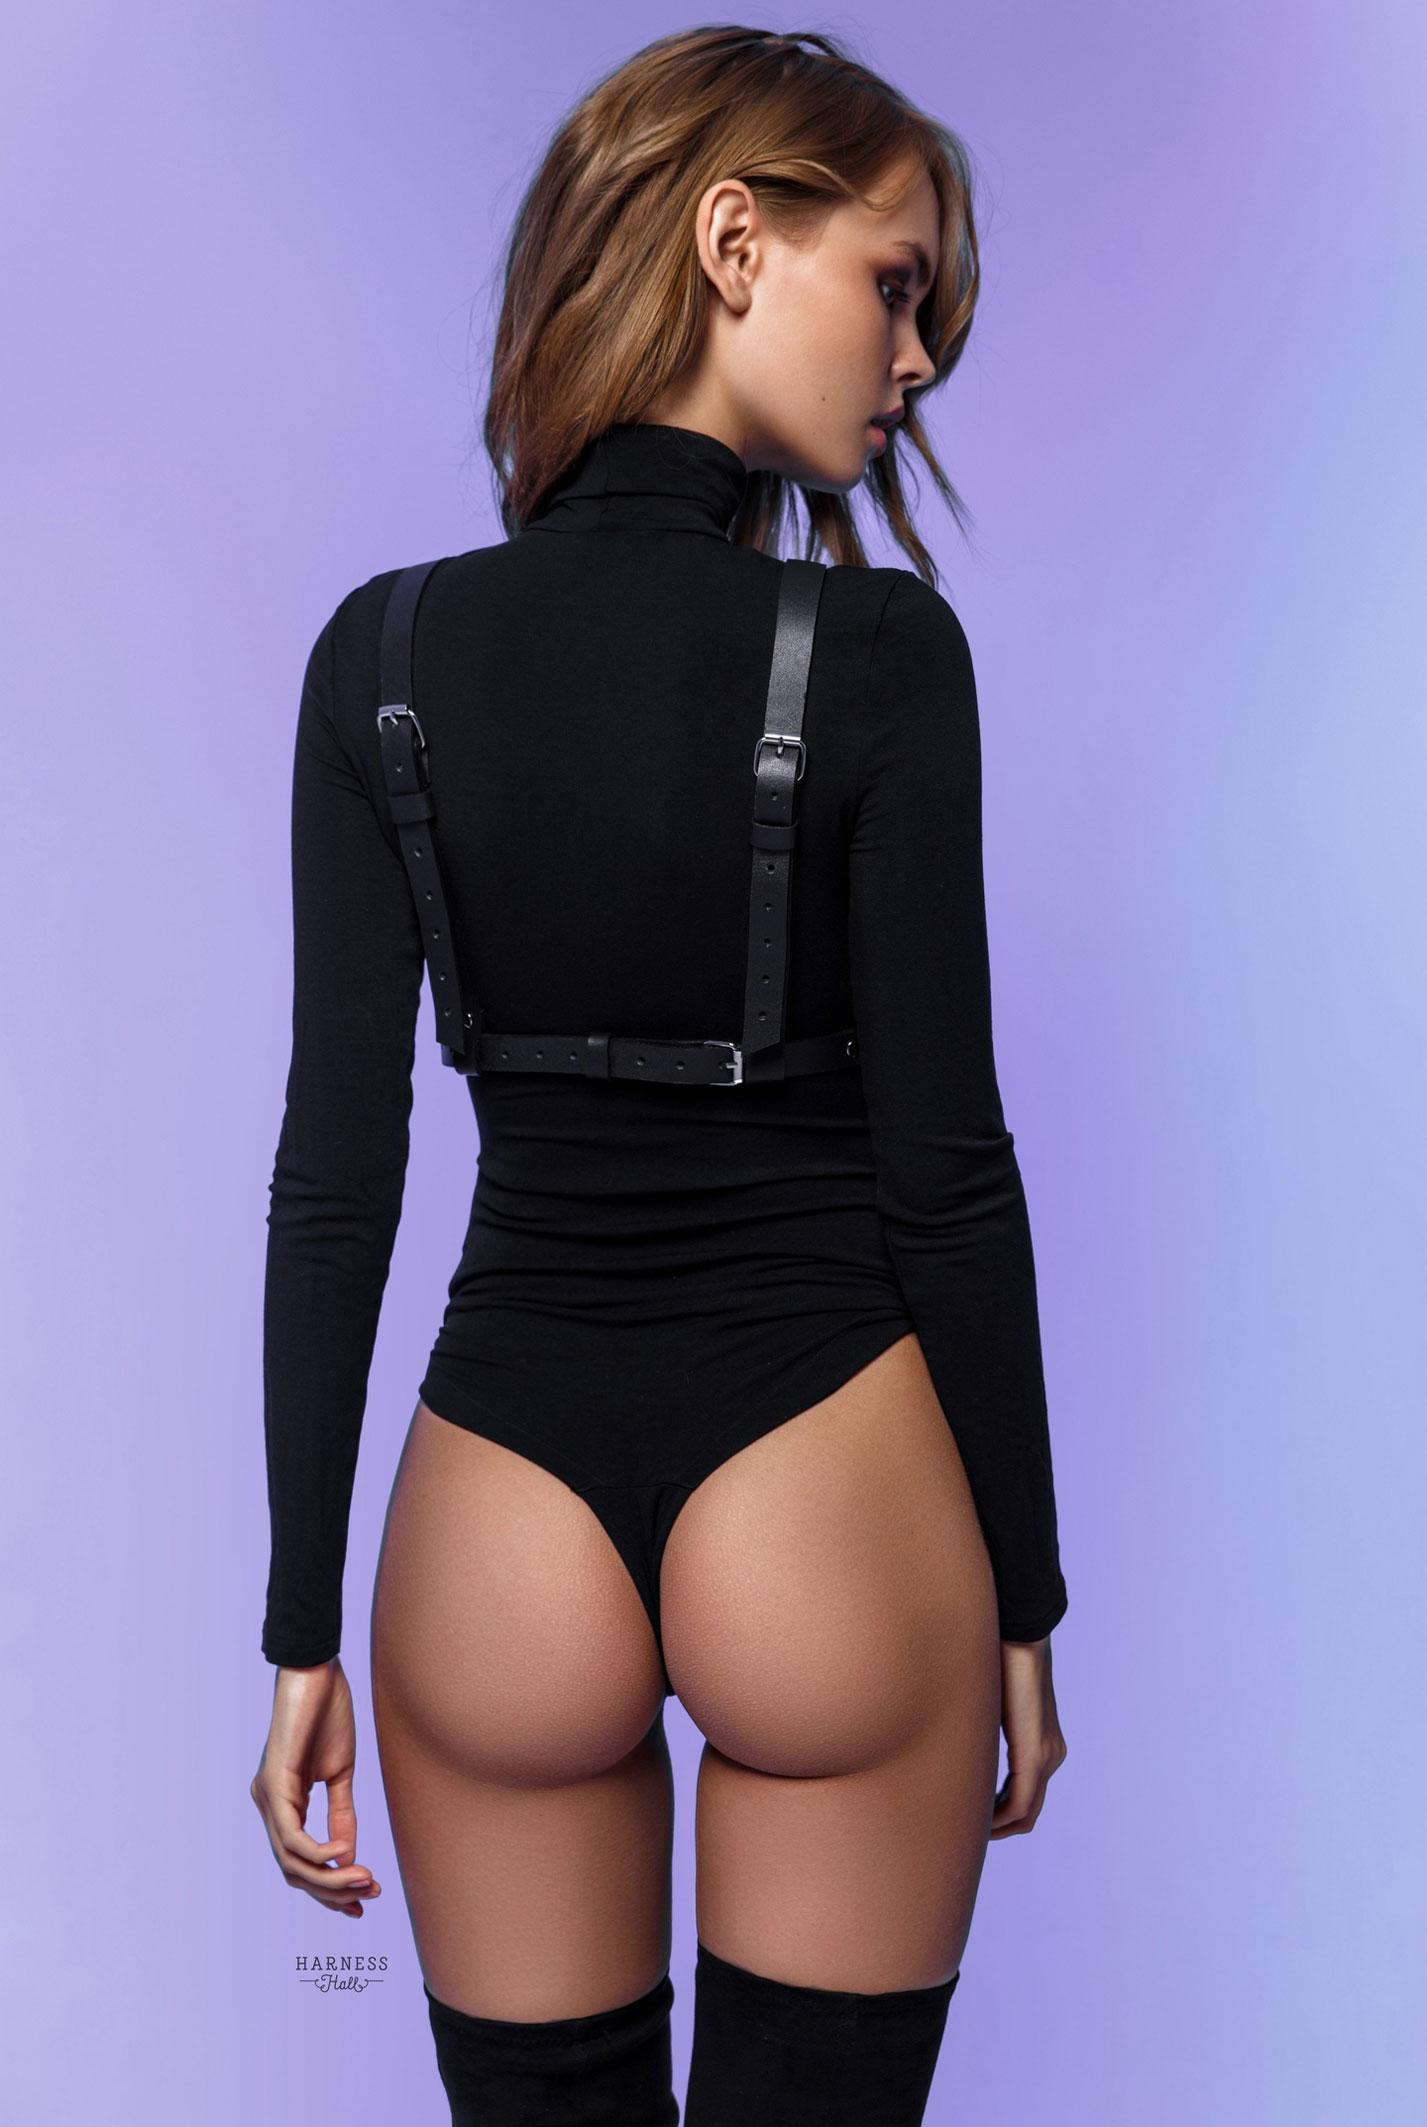 Анастасия Щеглова в нижнем белье Harness Hall, 2018 год / фото 06